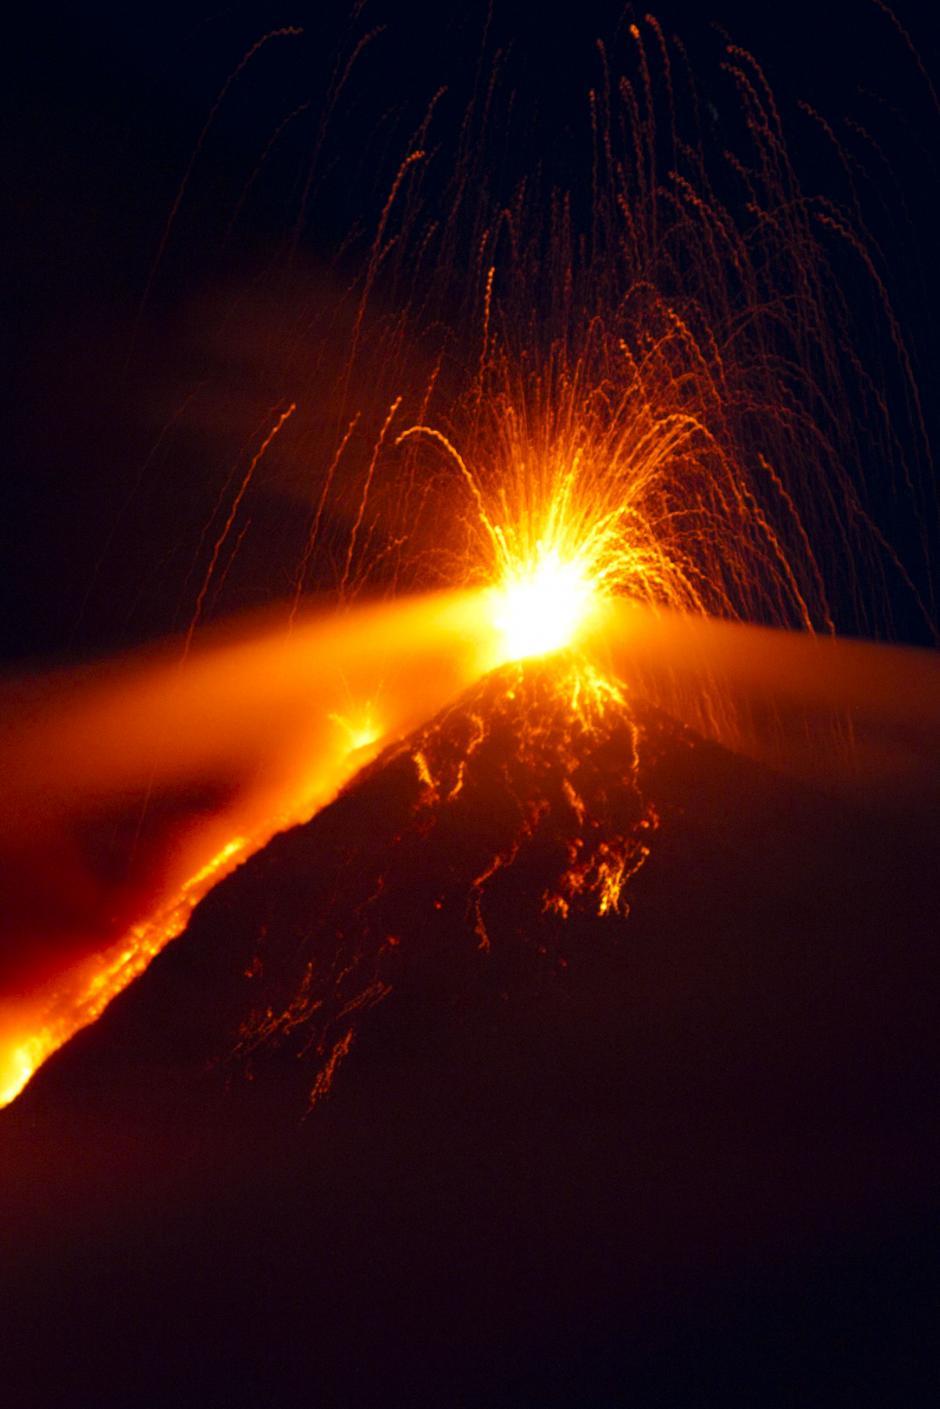 Un resplandor rojo sobre el cráter de volcán. (Foto: Esteban Biba/ EFE)